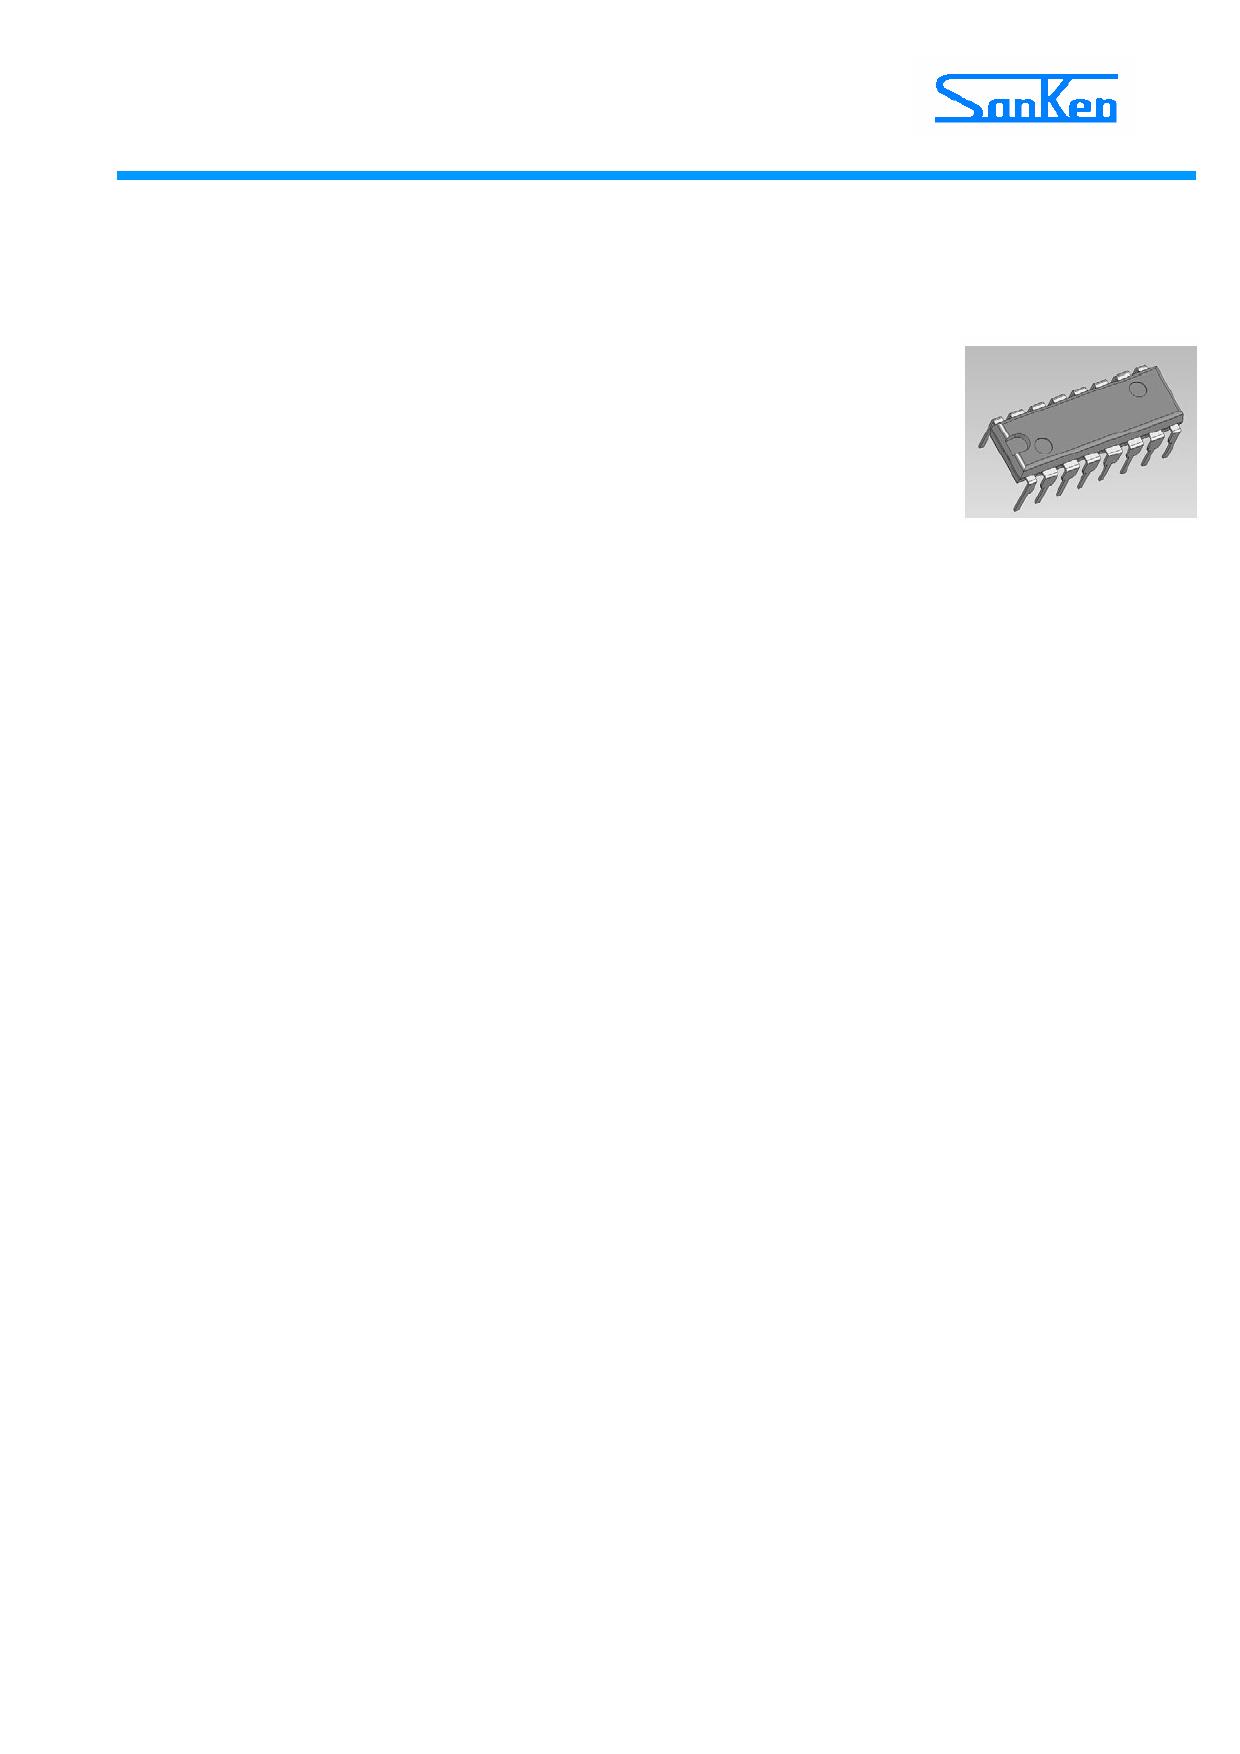 SSC9502 datasheet image